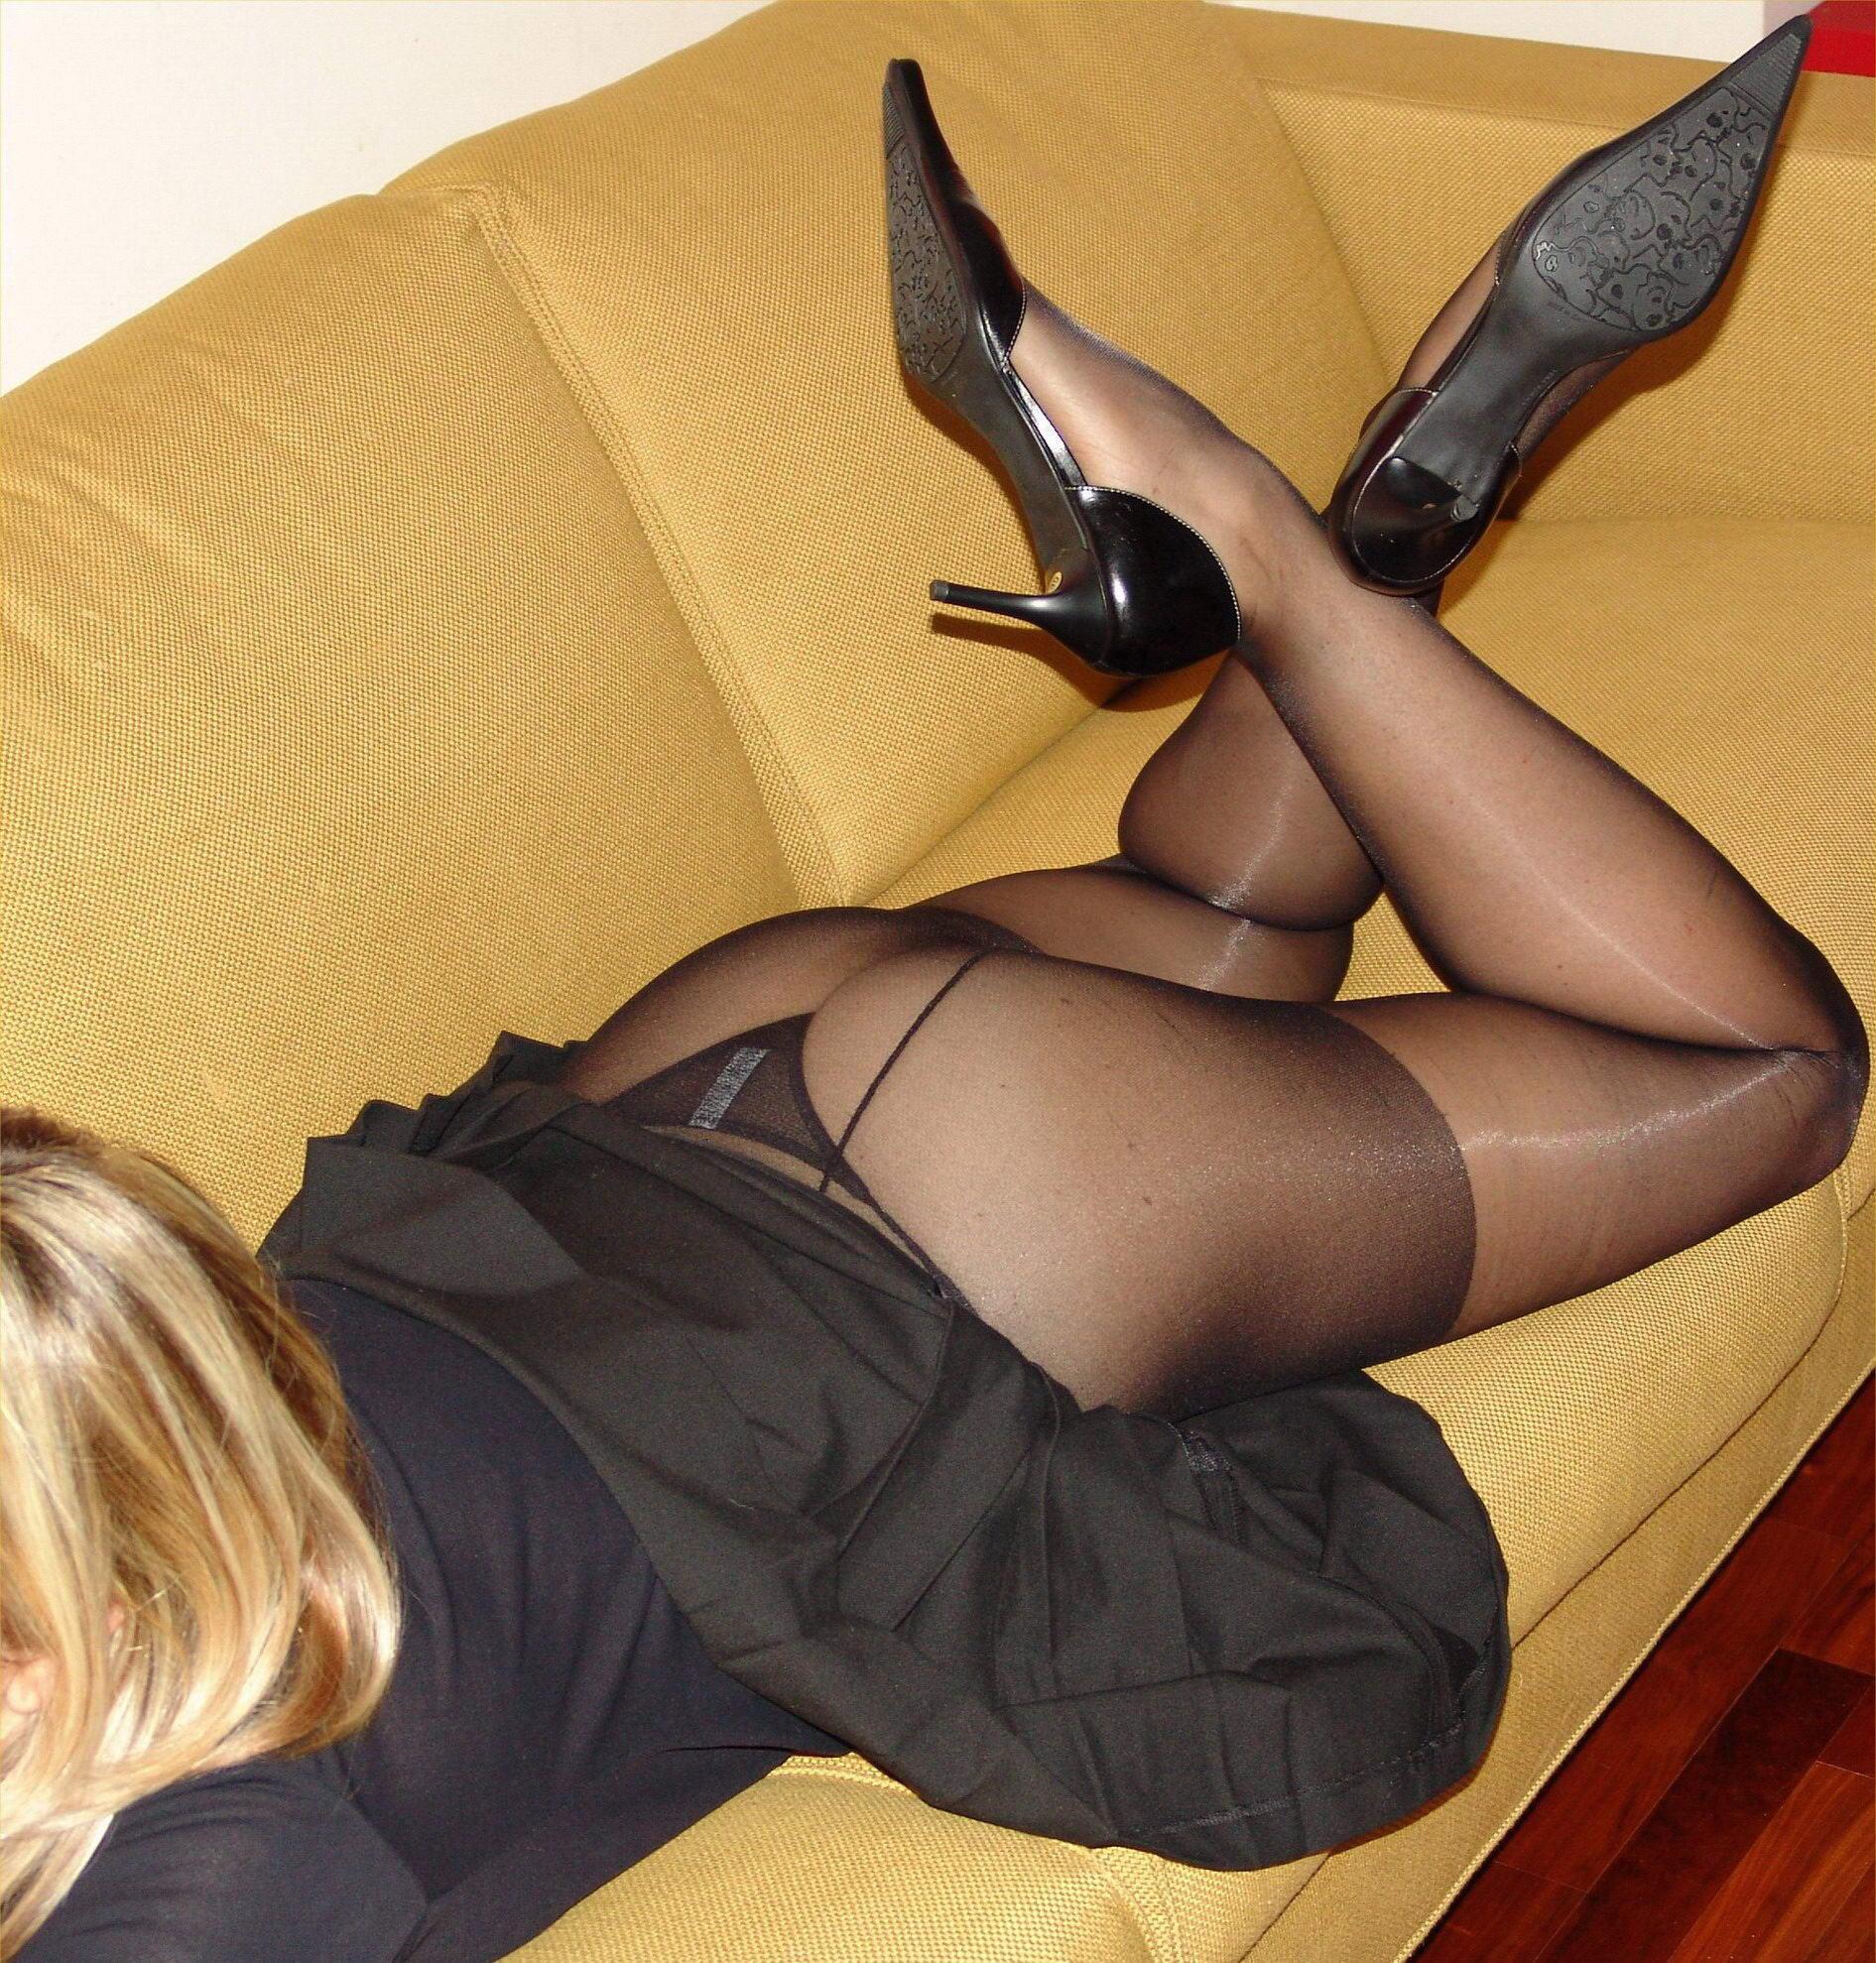 Блондинка в короткой юбке и колготках засветила черные стринги